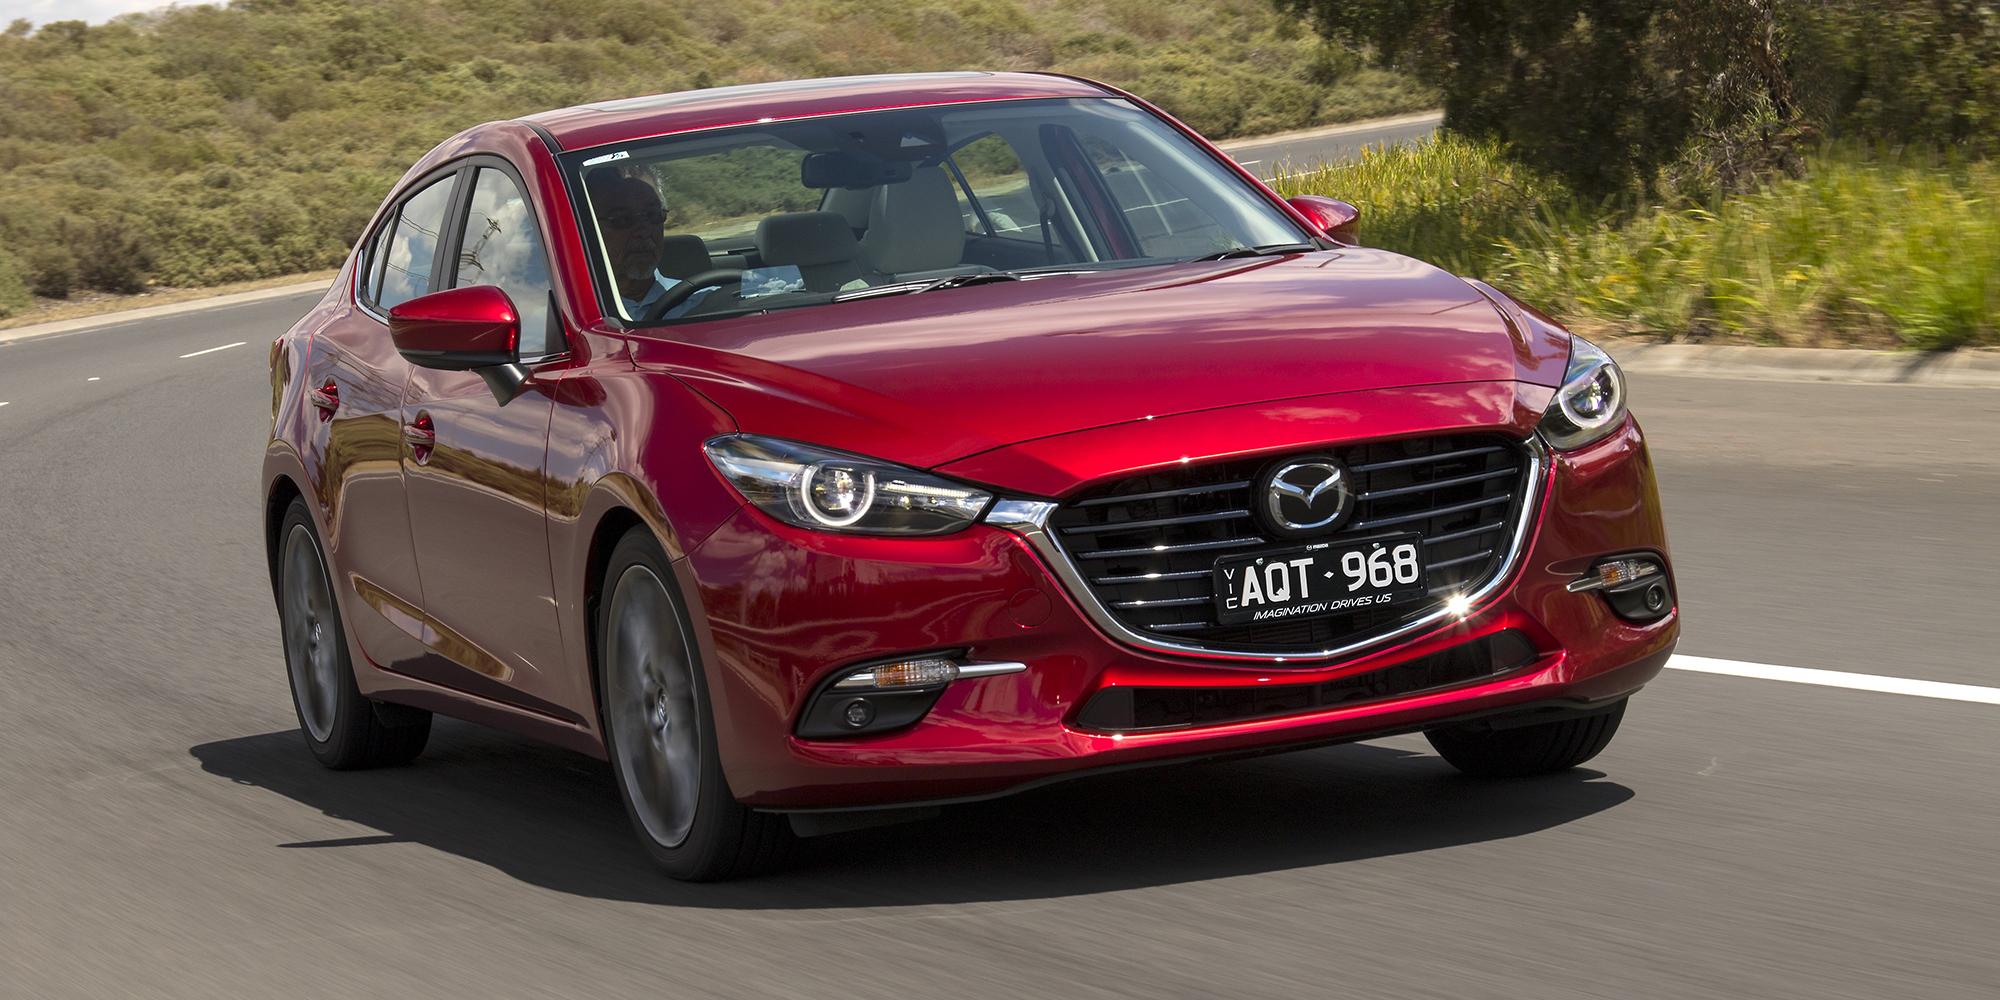 Kelebihan Kekurangan Mazda 3 2018 Harga